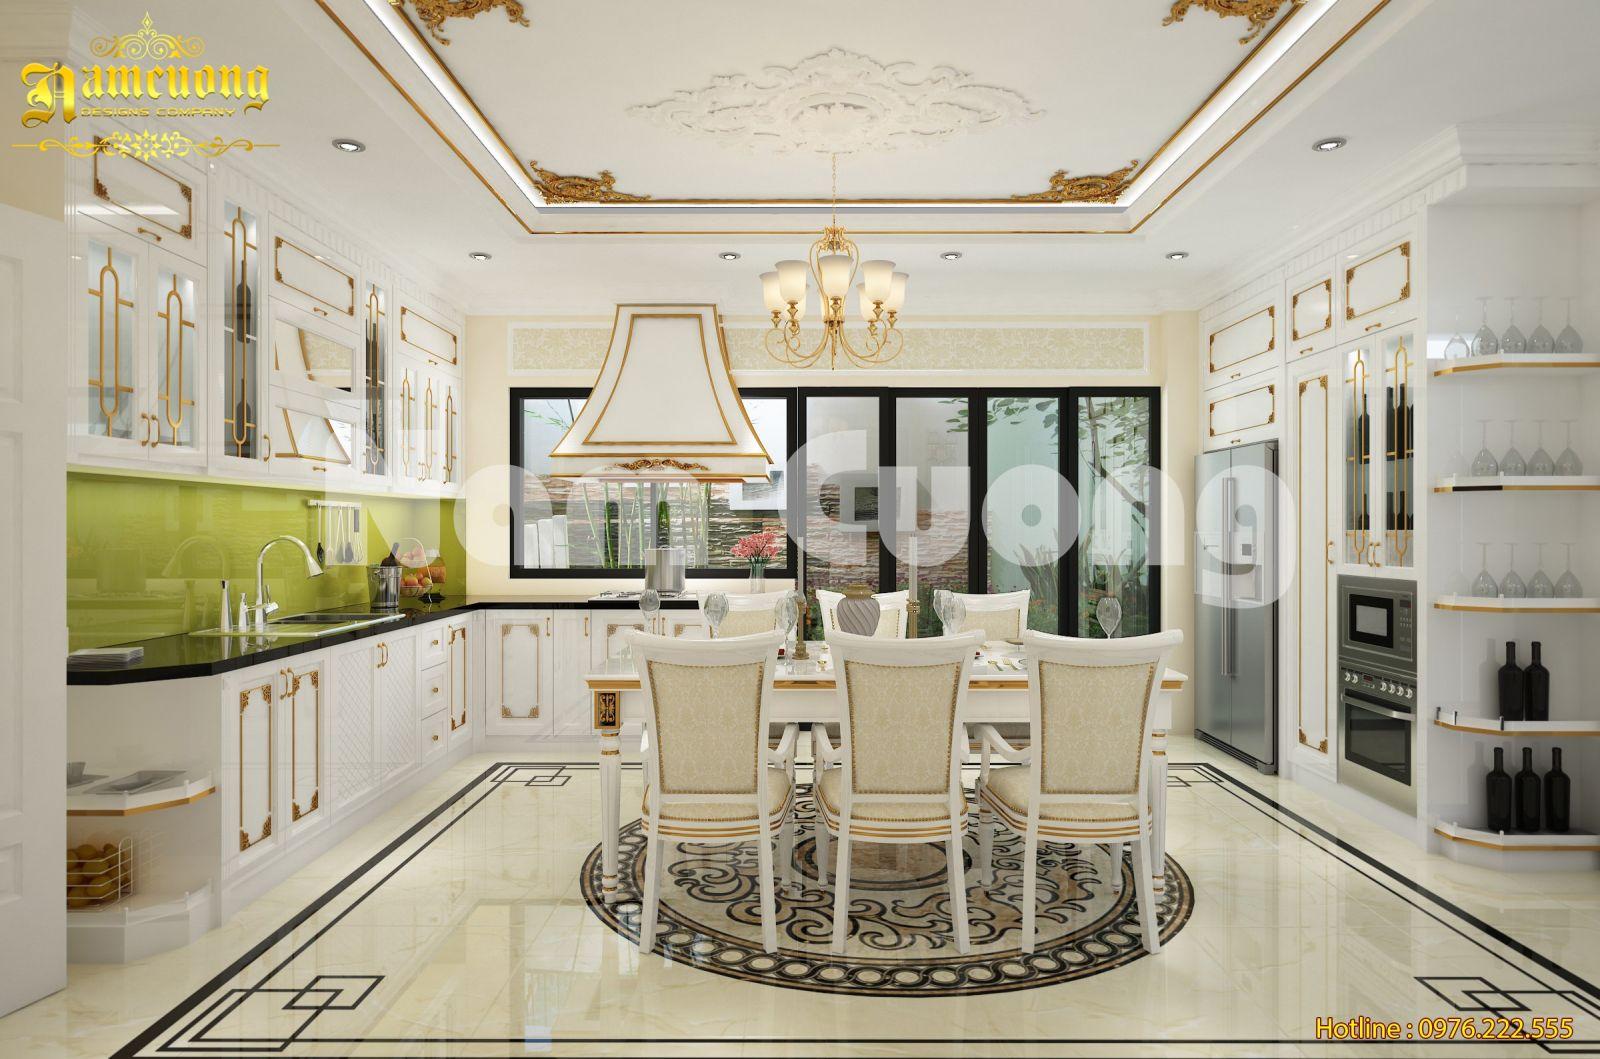 5 điều kiêng kỵ trong phong thủy khi thiết kế nội thất phòng bếp